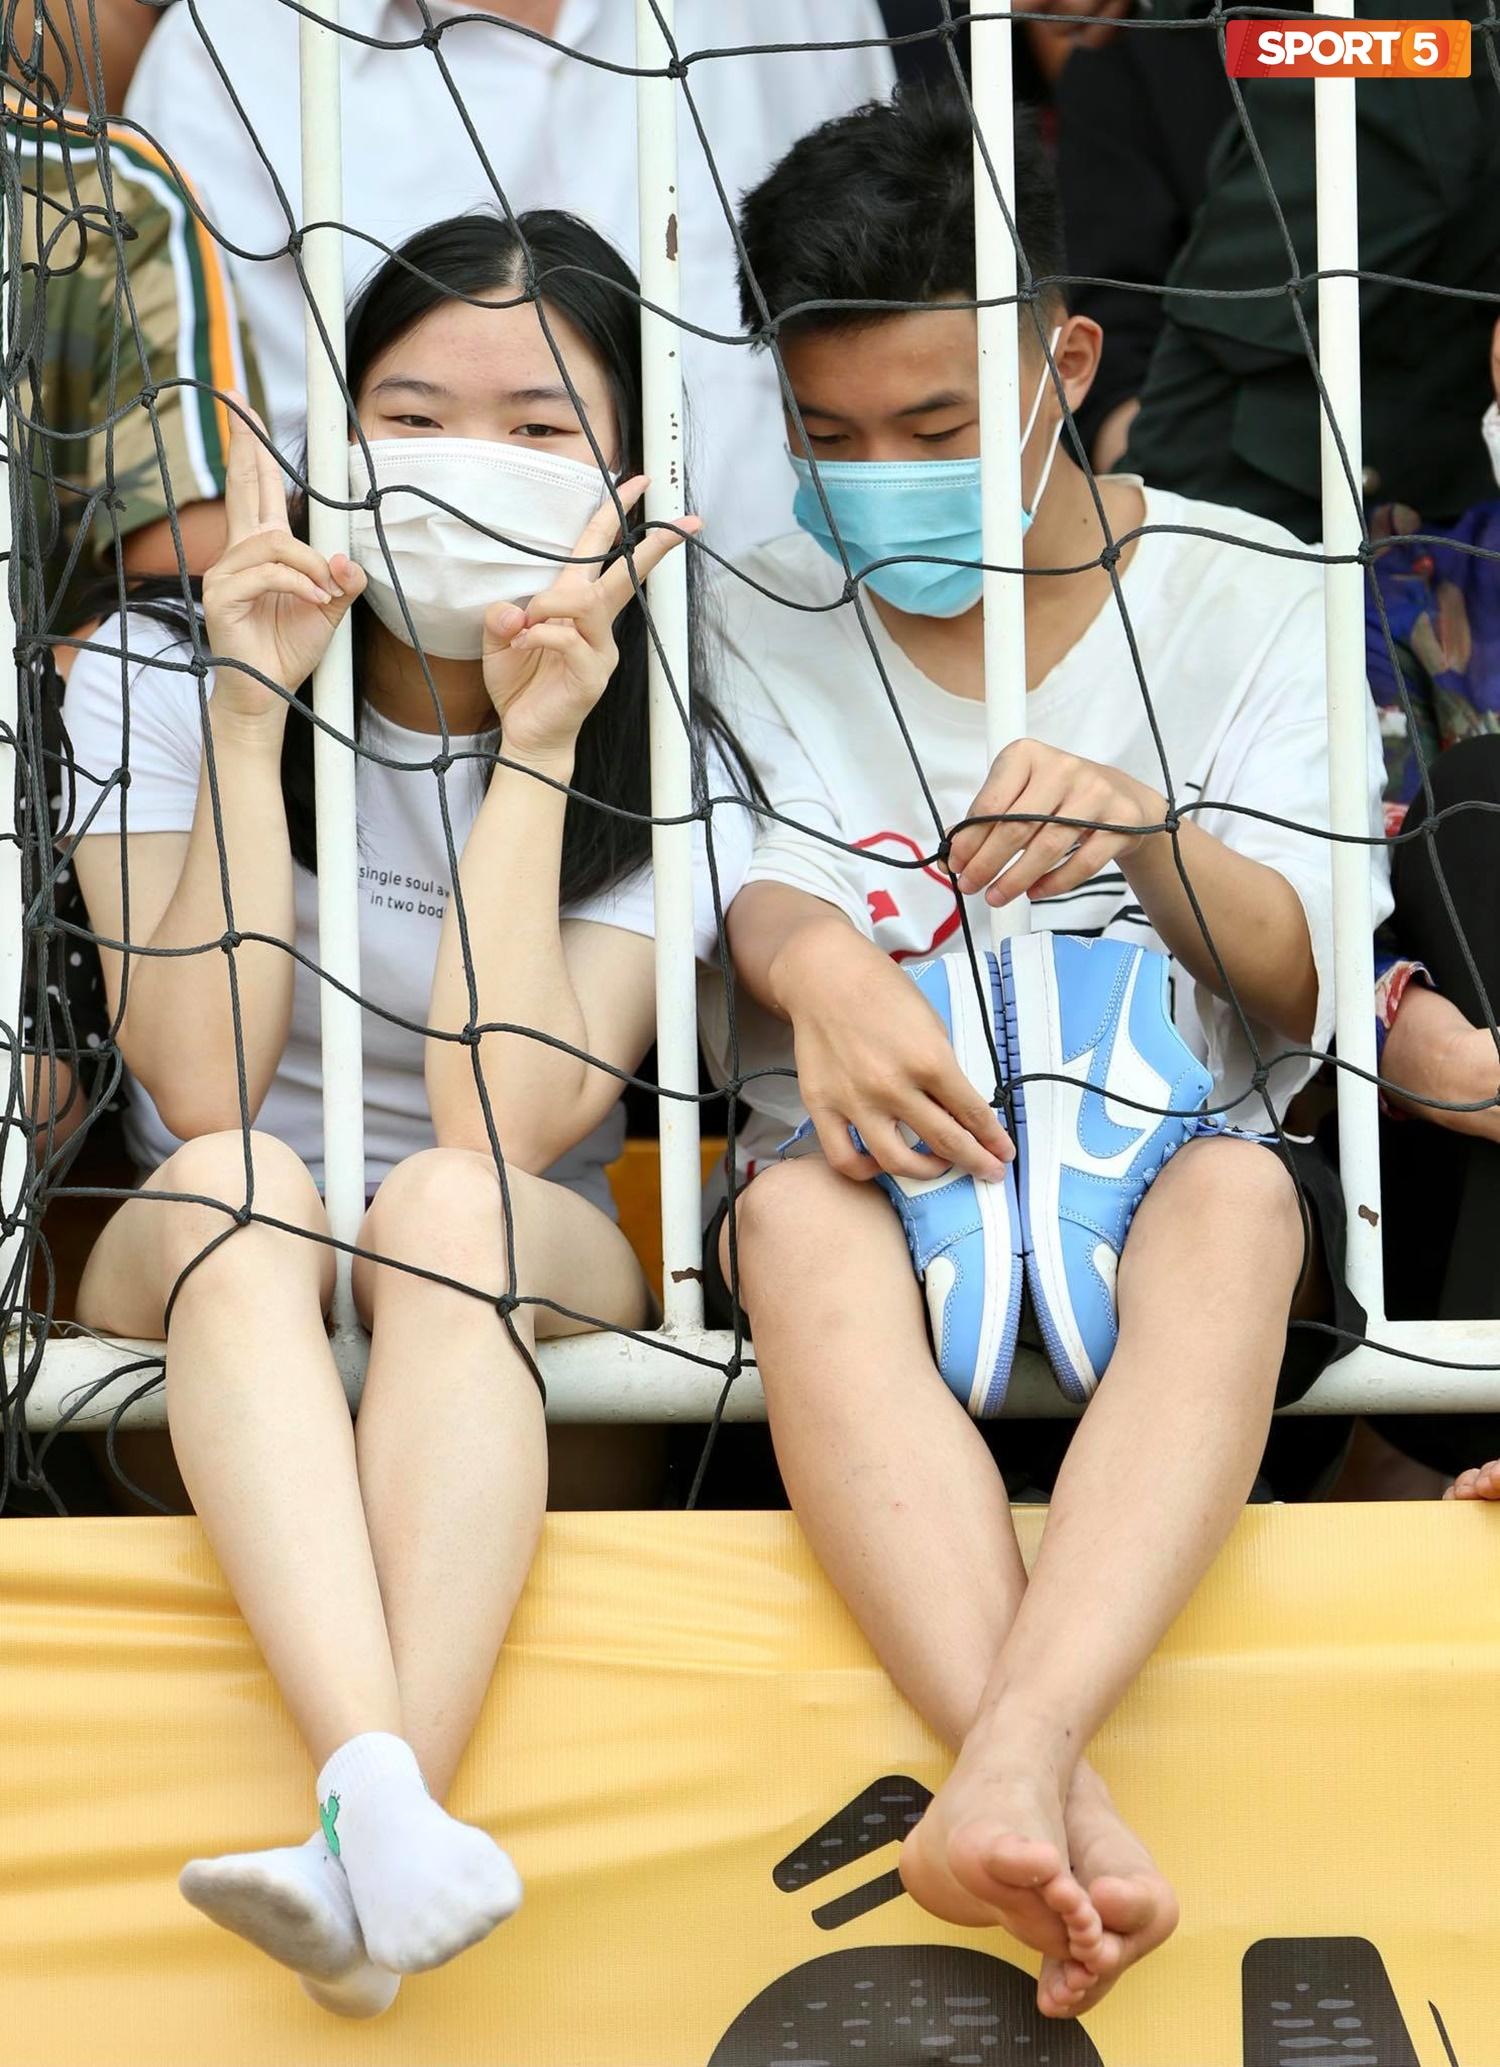 Fan phải ngồi đất, đứng chen chúc hàng loạt vì không có ghế ngồi xem trận HAGL và Hà Nội FC - Ảnh 3.